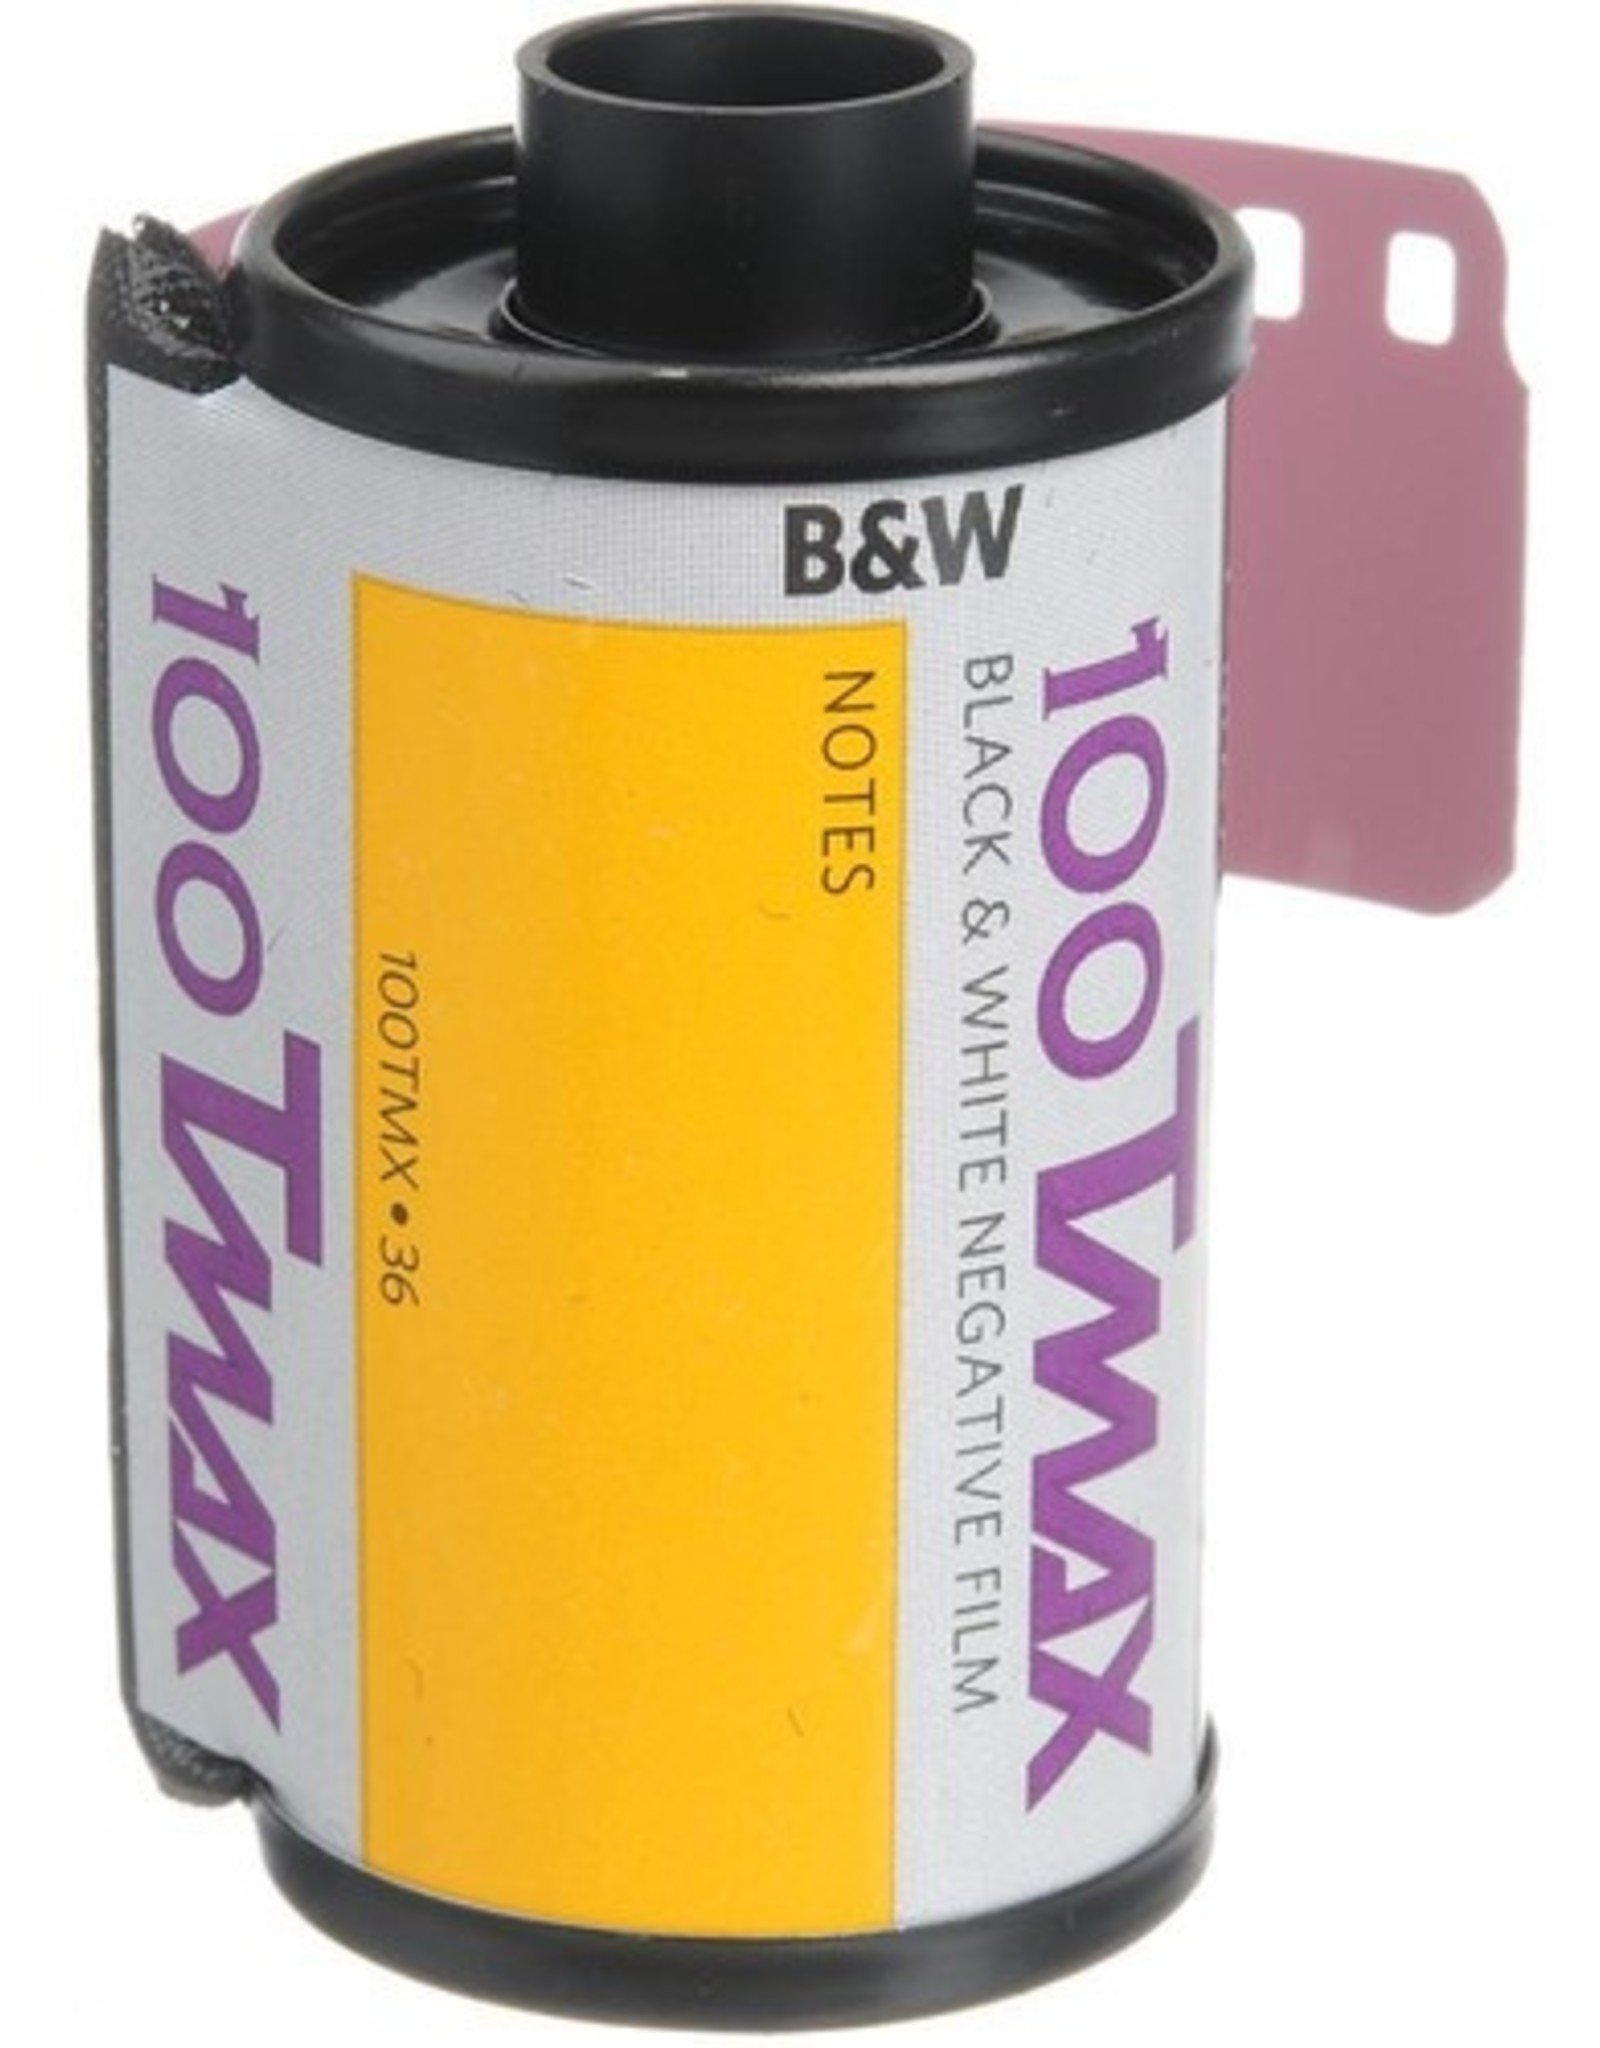 KODAK Tmax 100 TMX 135-36